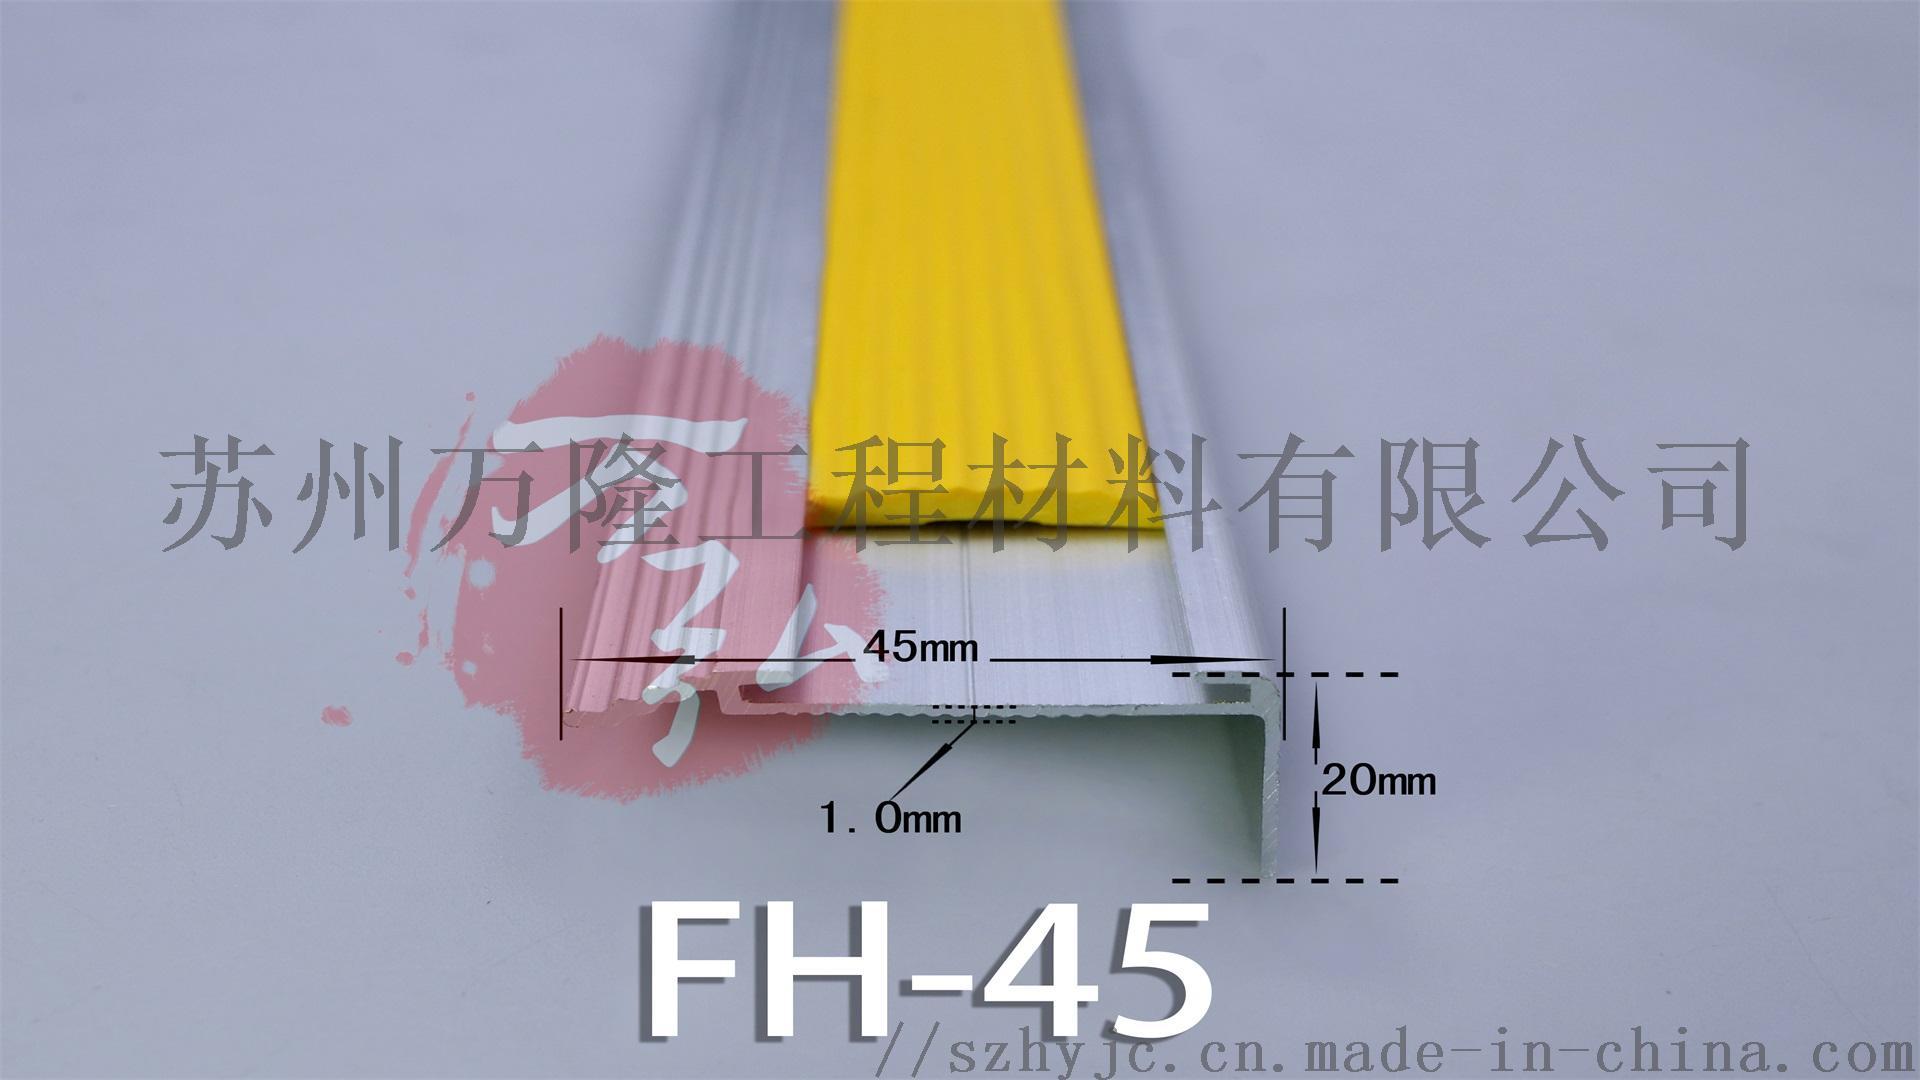 楼梯防滑条种类,铝合金楼梯,踏步防滑条安装方法133909255